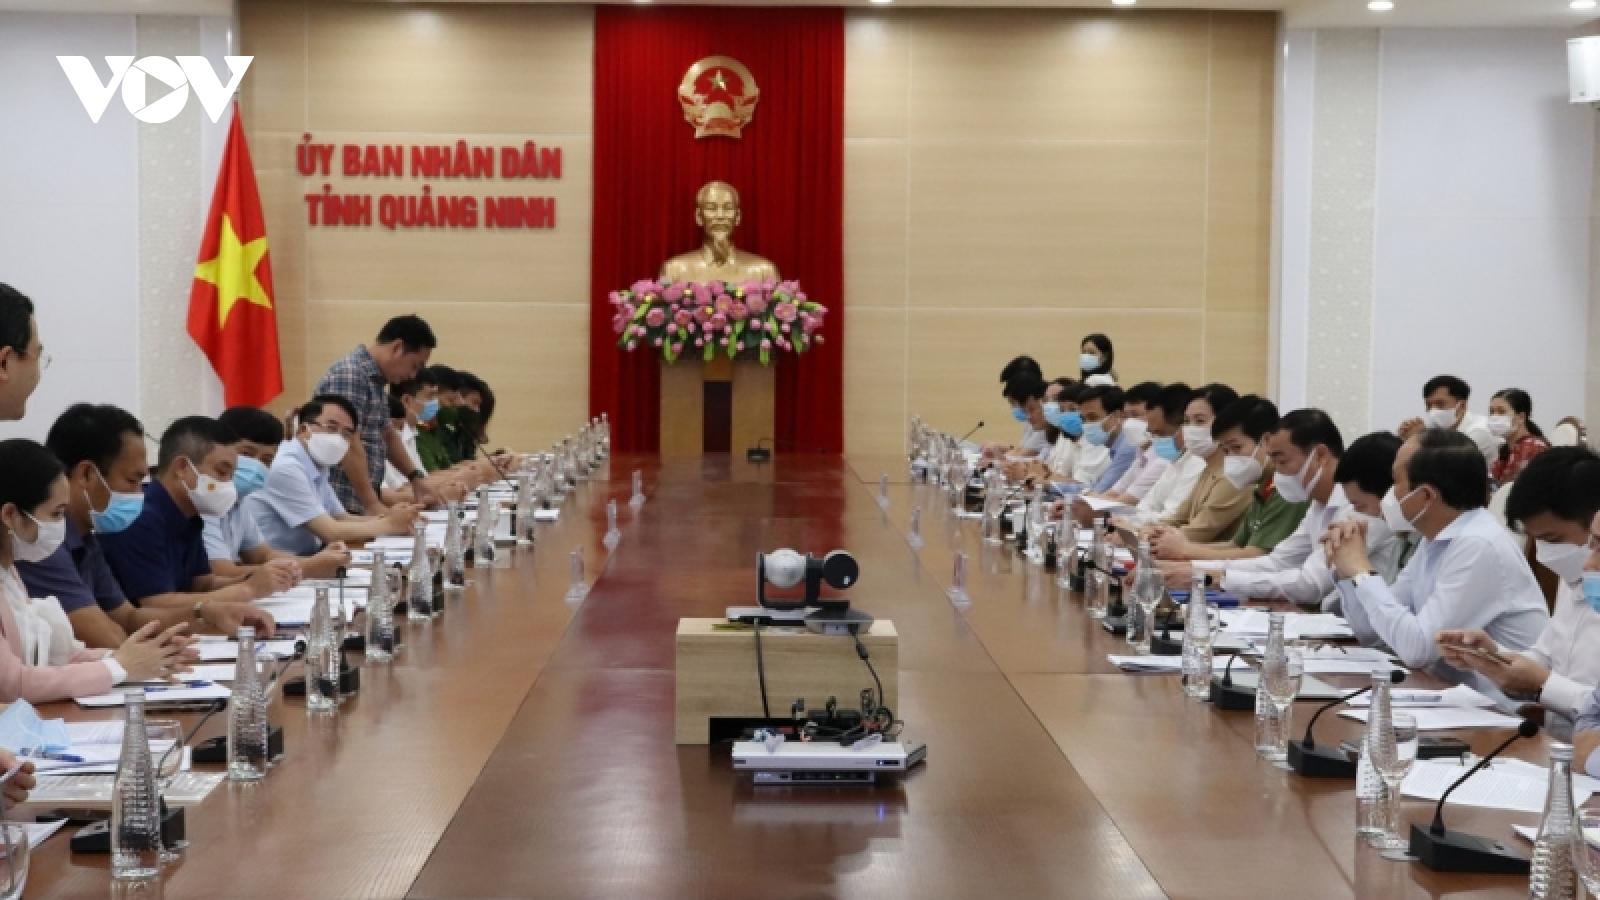 Quảng Ninh - Hải Phòng hợp tác phát triển du lịch trong trạng thái bình thường mới